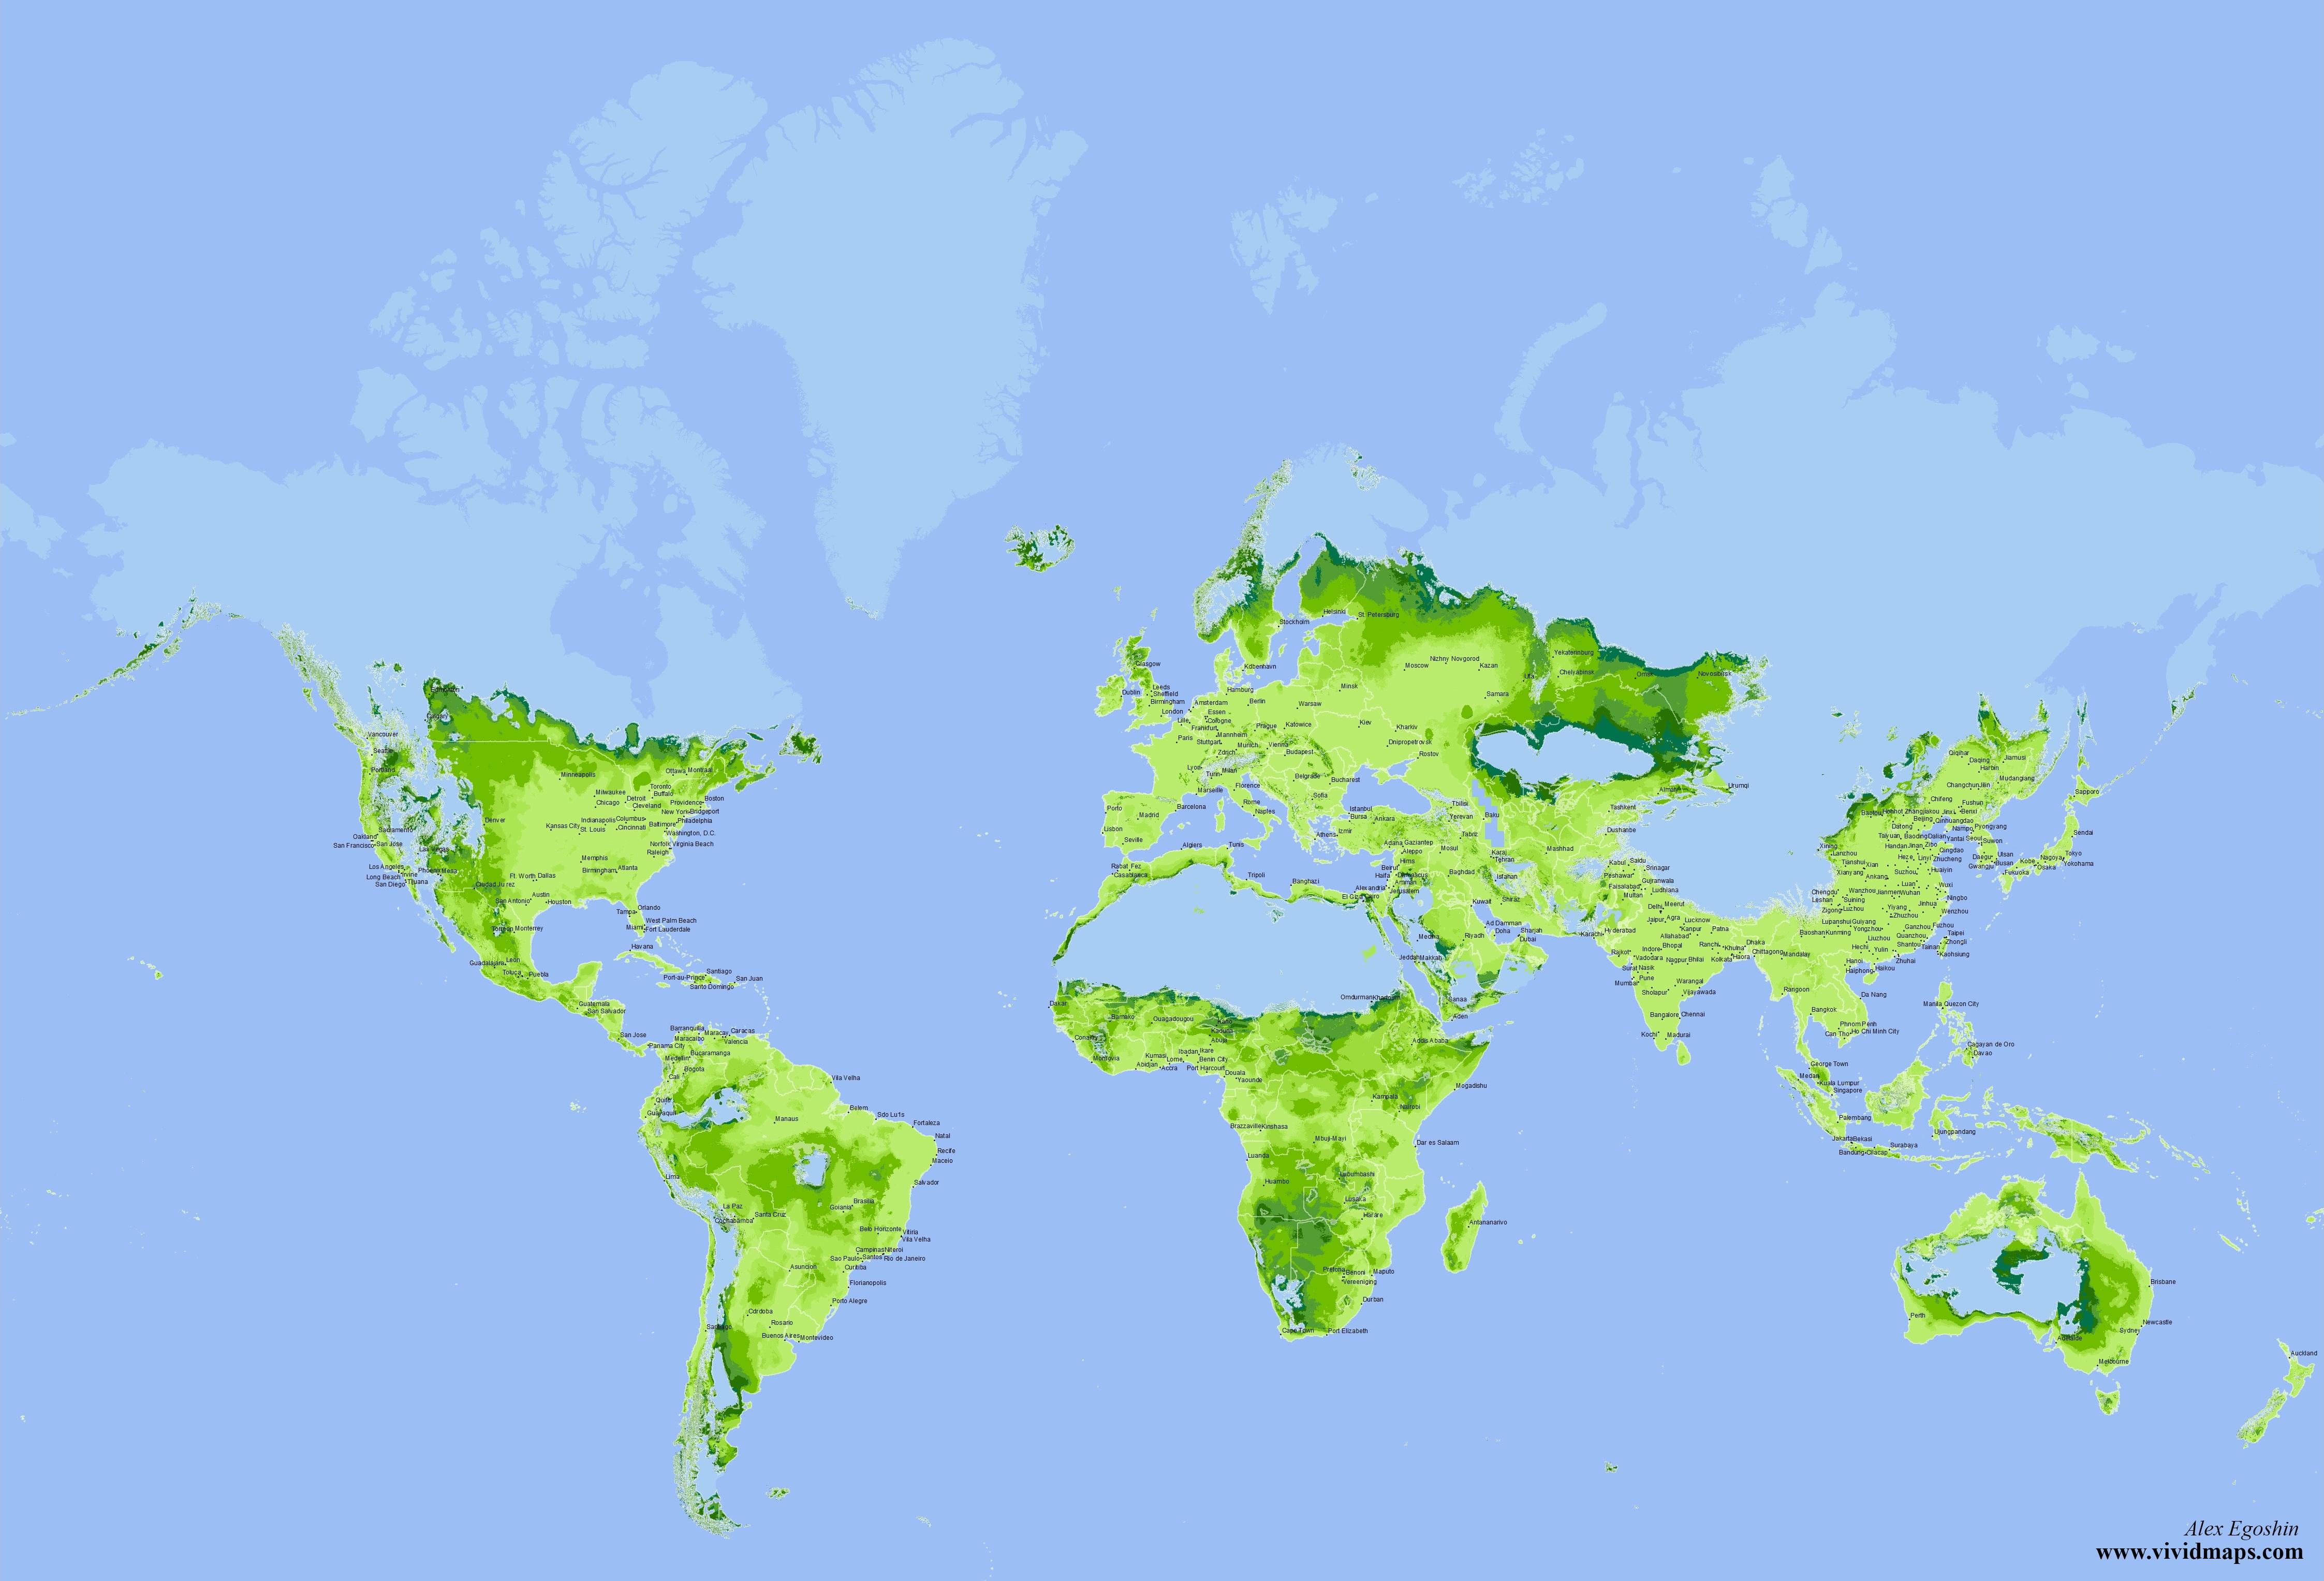 Most Suitable Habitats for Homo Sapiens